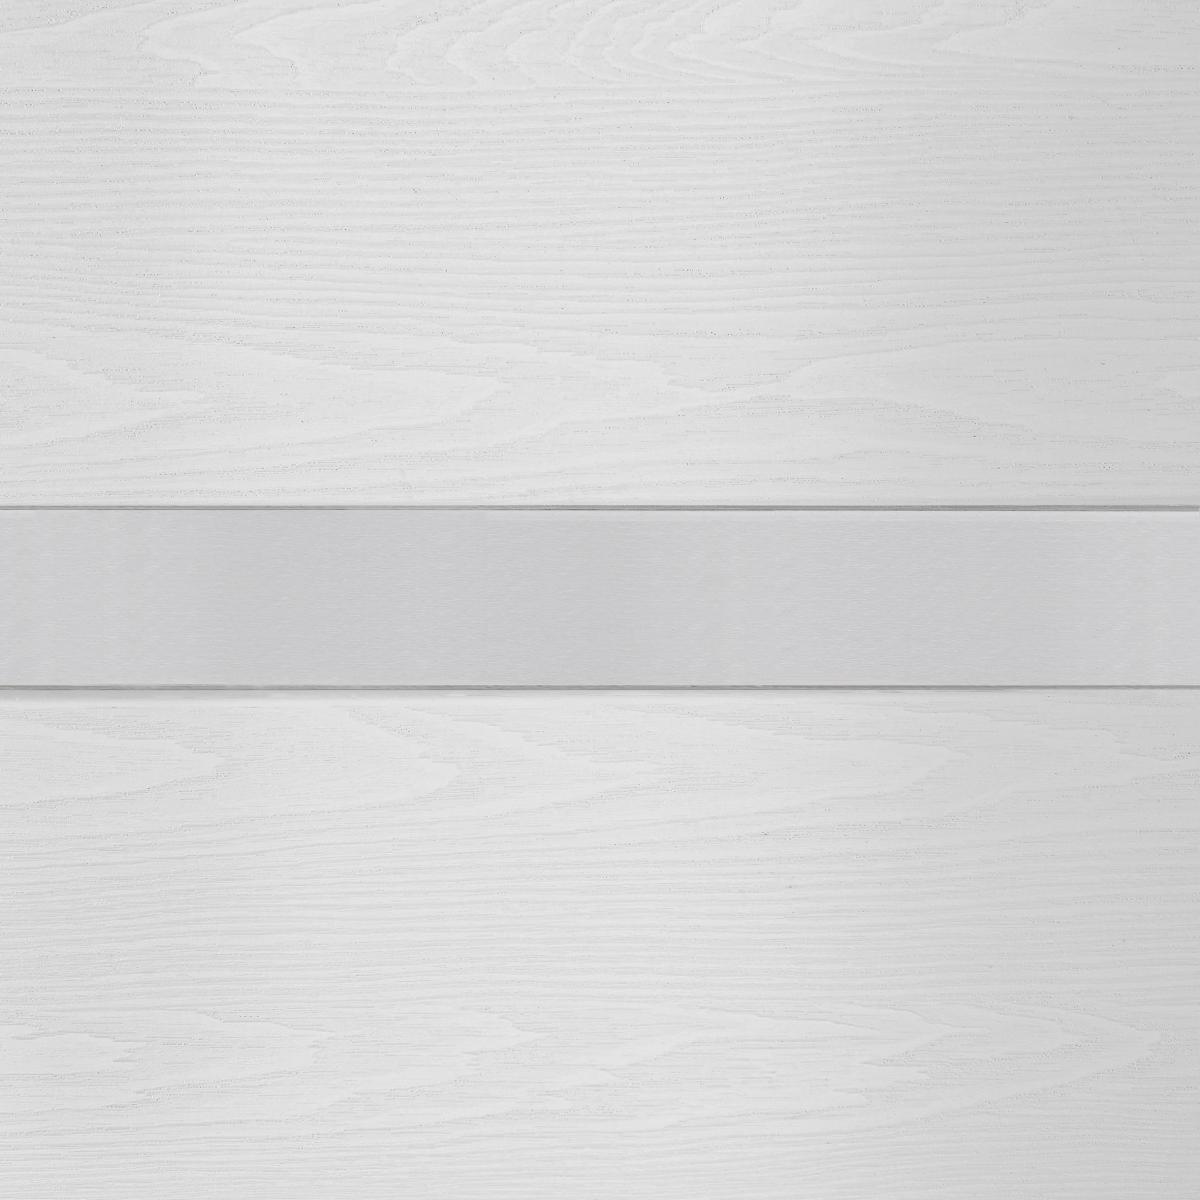 Дверь Межкомнатная Глухая С Замком В Комплекте Белиз 60x200 Пвх Цвет Дуб Белый